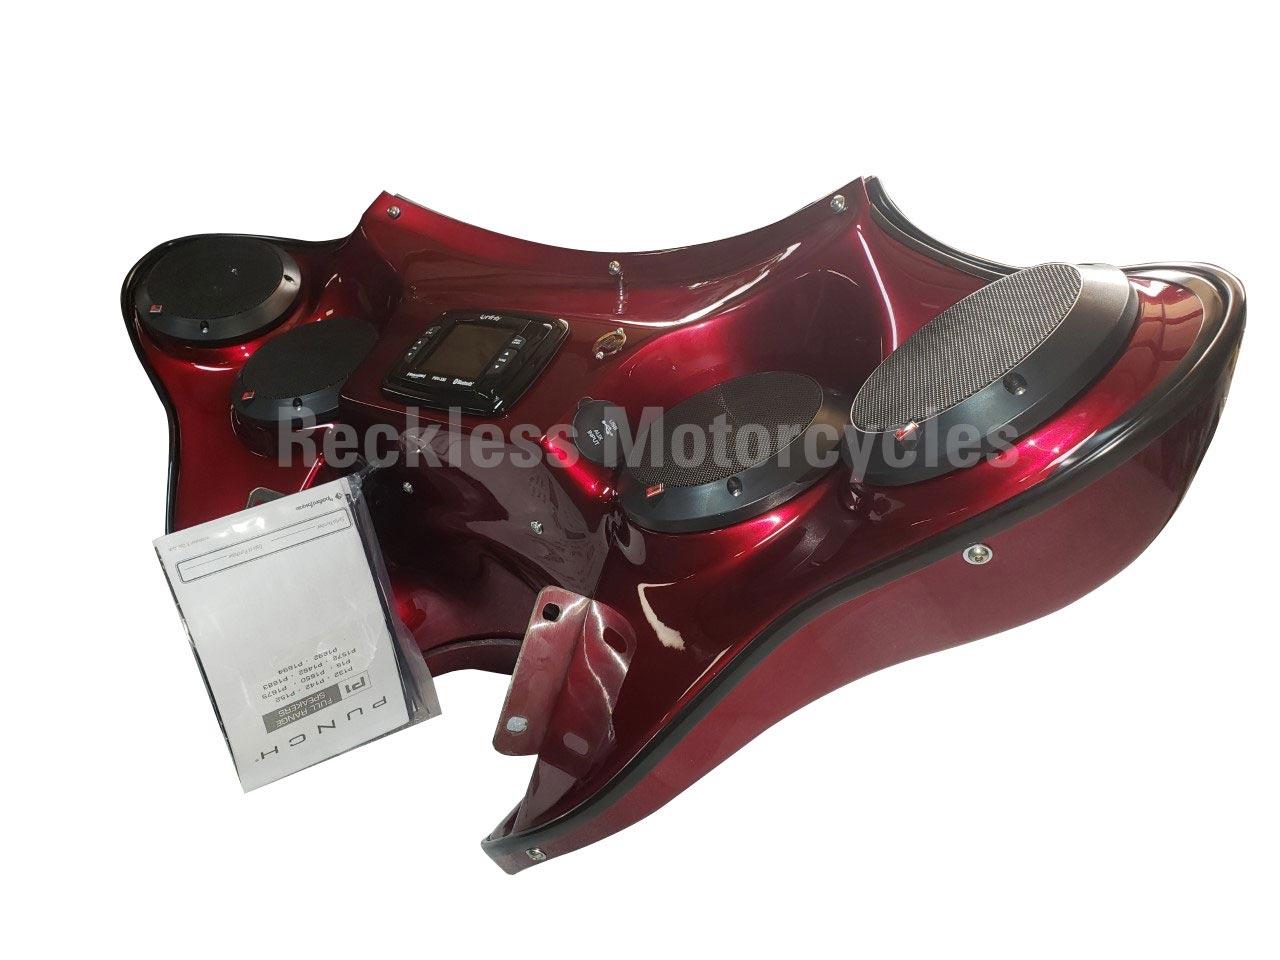 Reckless Motorcycles Harley Davidson Heritage 2014 Saddlebag Speaker Wiring Diagram Xl Batwing Fairing